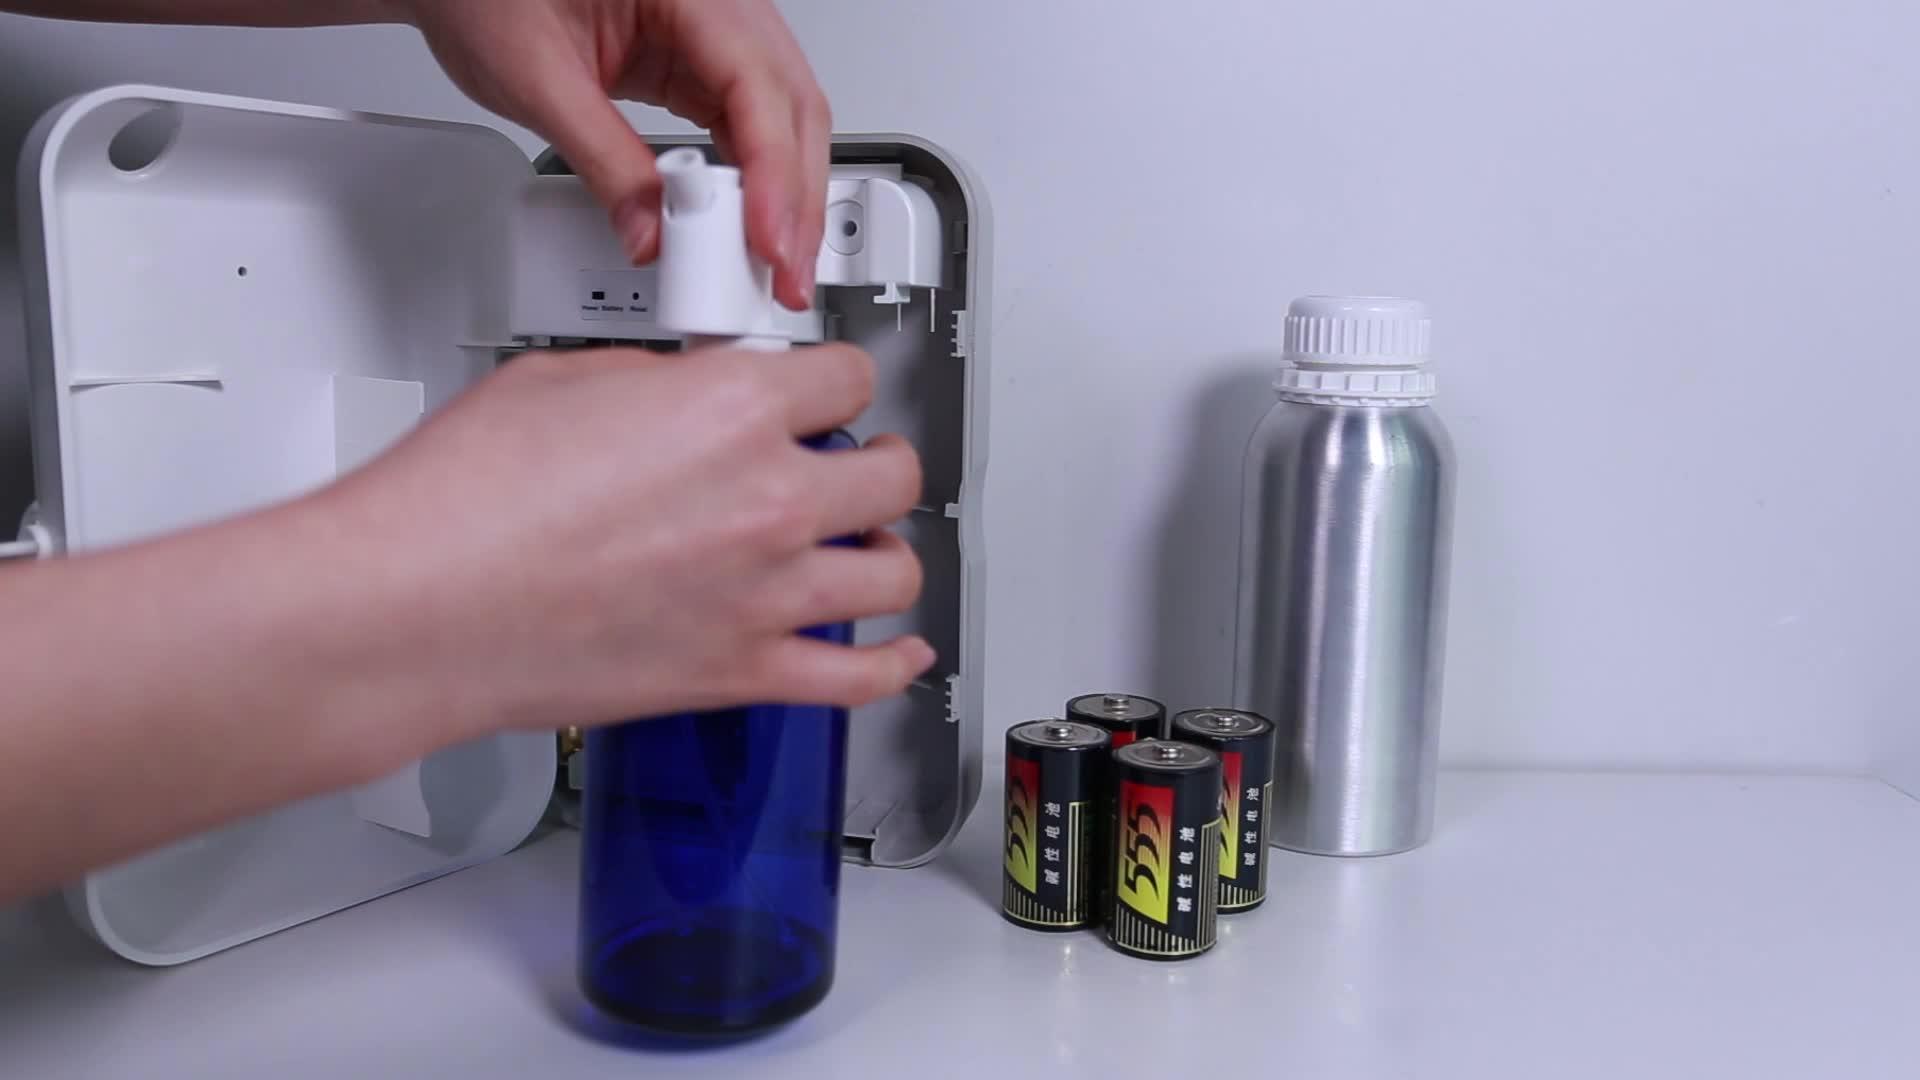 Scented aromatizador essencial do atomizador da aromaterapia do difusor do ar do perfume das idéias 2019 do produto SCENTA